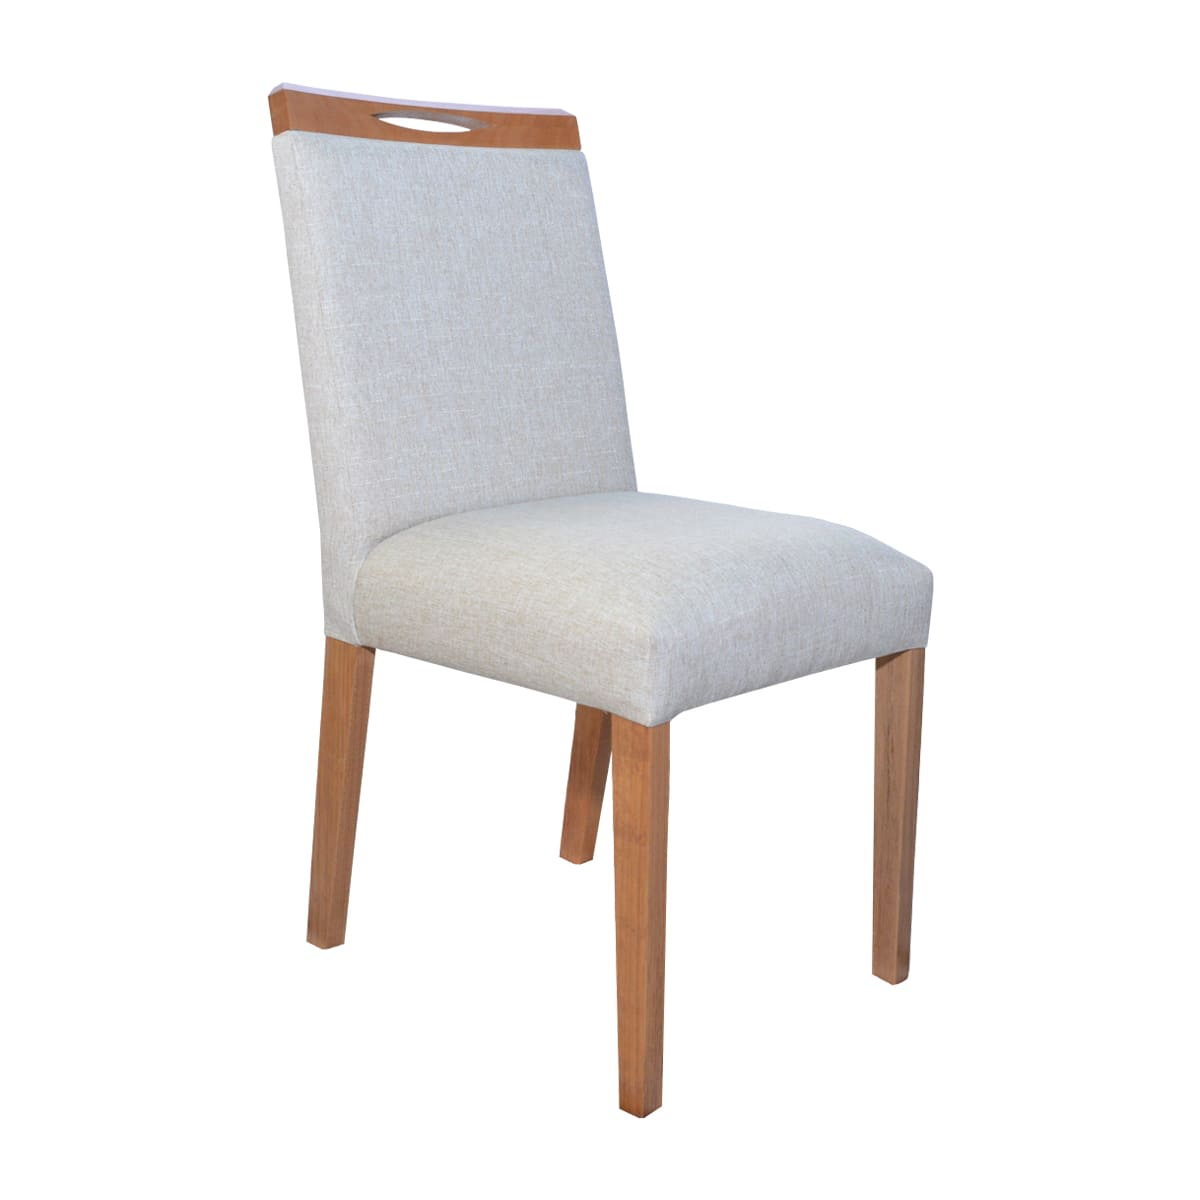 Mesa De Jantar Lara 120x80 Com 04 Cadeiras Lara Linhão Bege